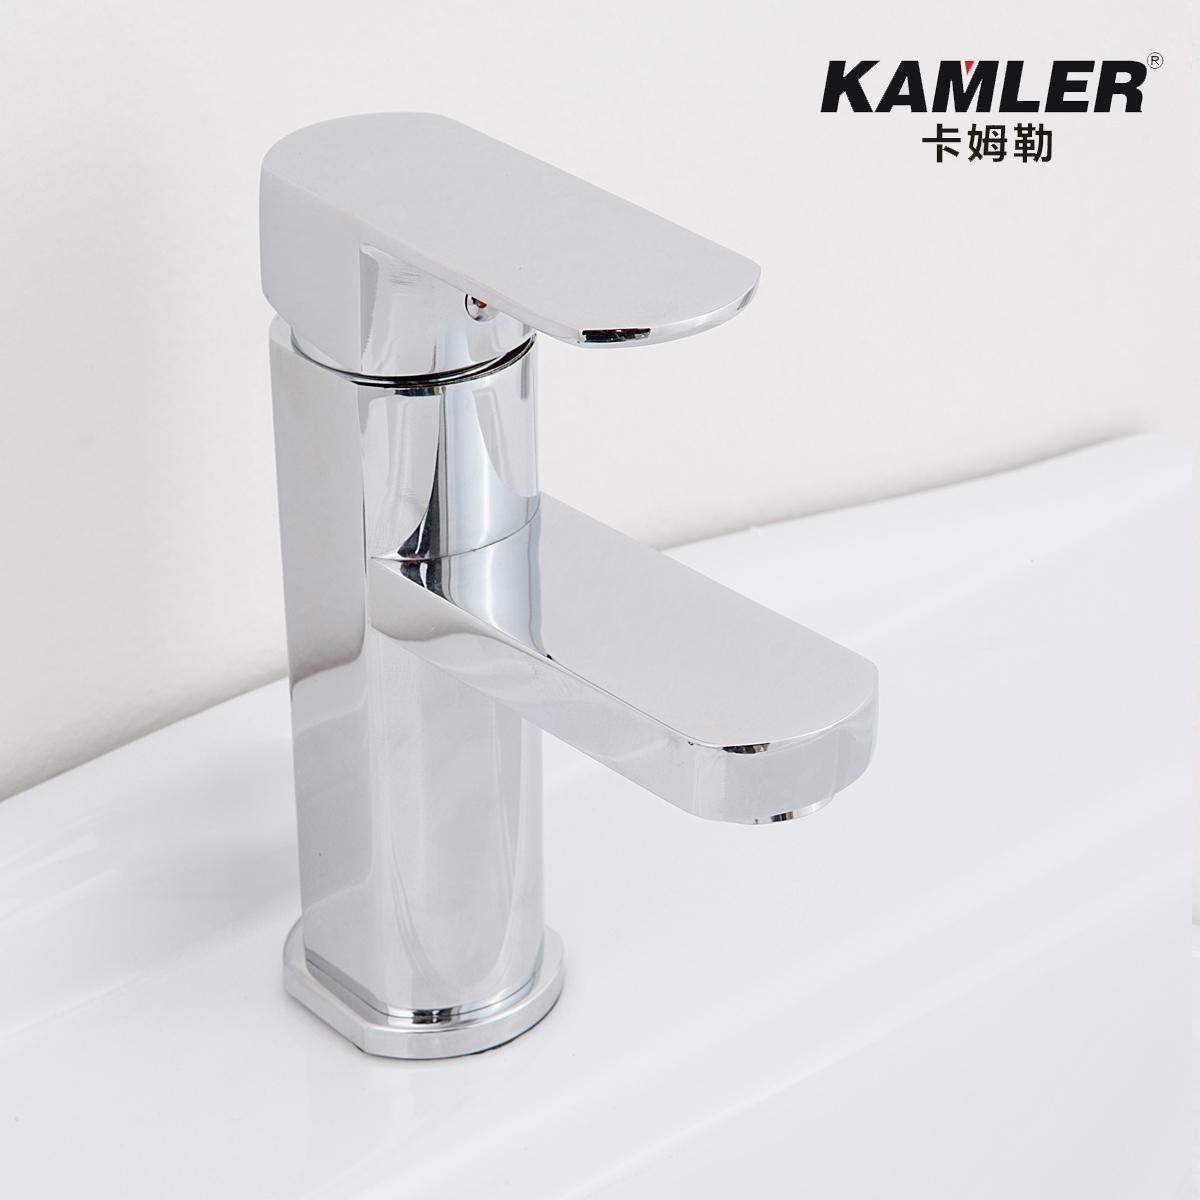 卡姆勒卫浴全铜水龙头KML----KL004